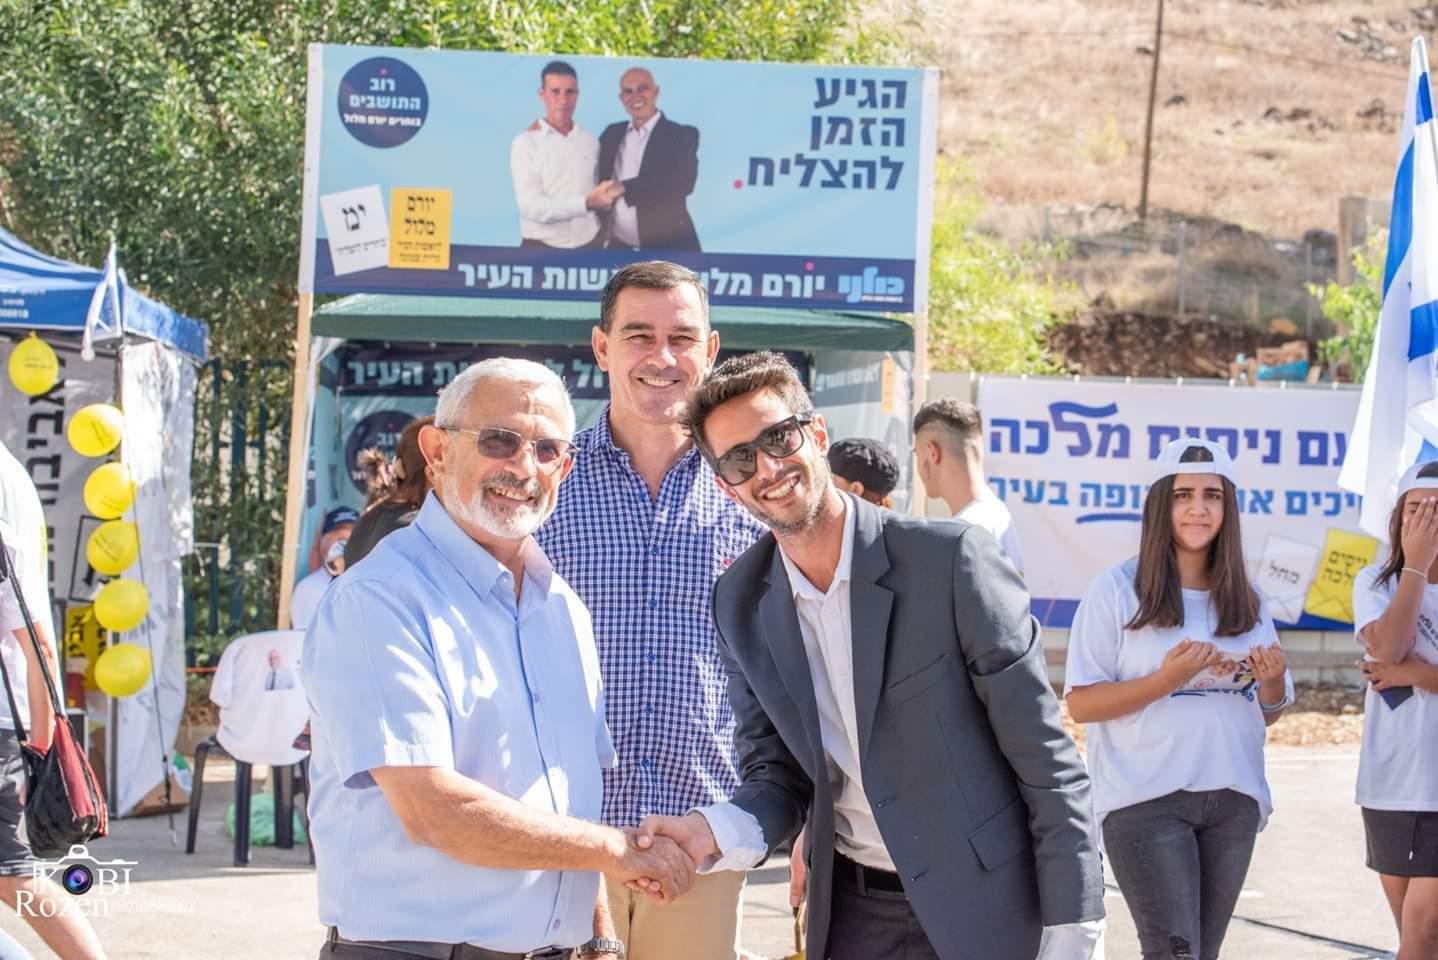 90% מספירת הקולות: אביחי שטרן מול ניסים מלכה בסיבוב שני בבחירות לראשות העיר קרית שמונה